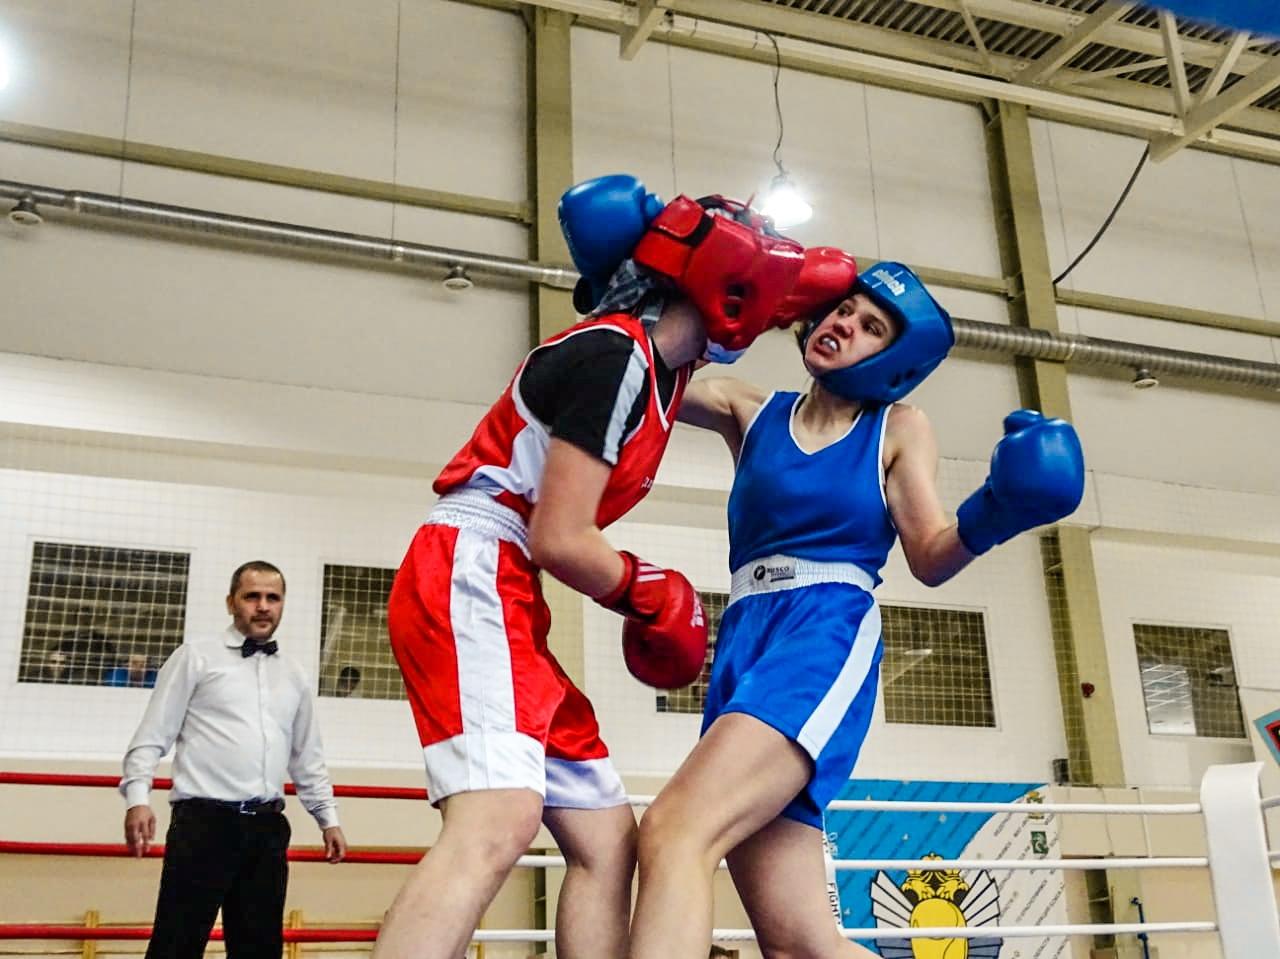 XII Региональный турнир по боксу «Ринг Мужества» памяти А. Патрушева